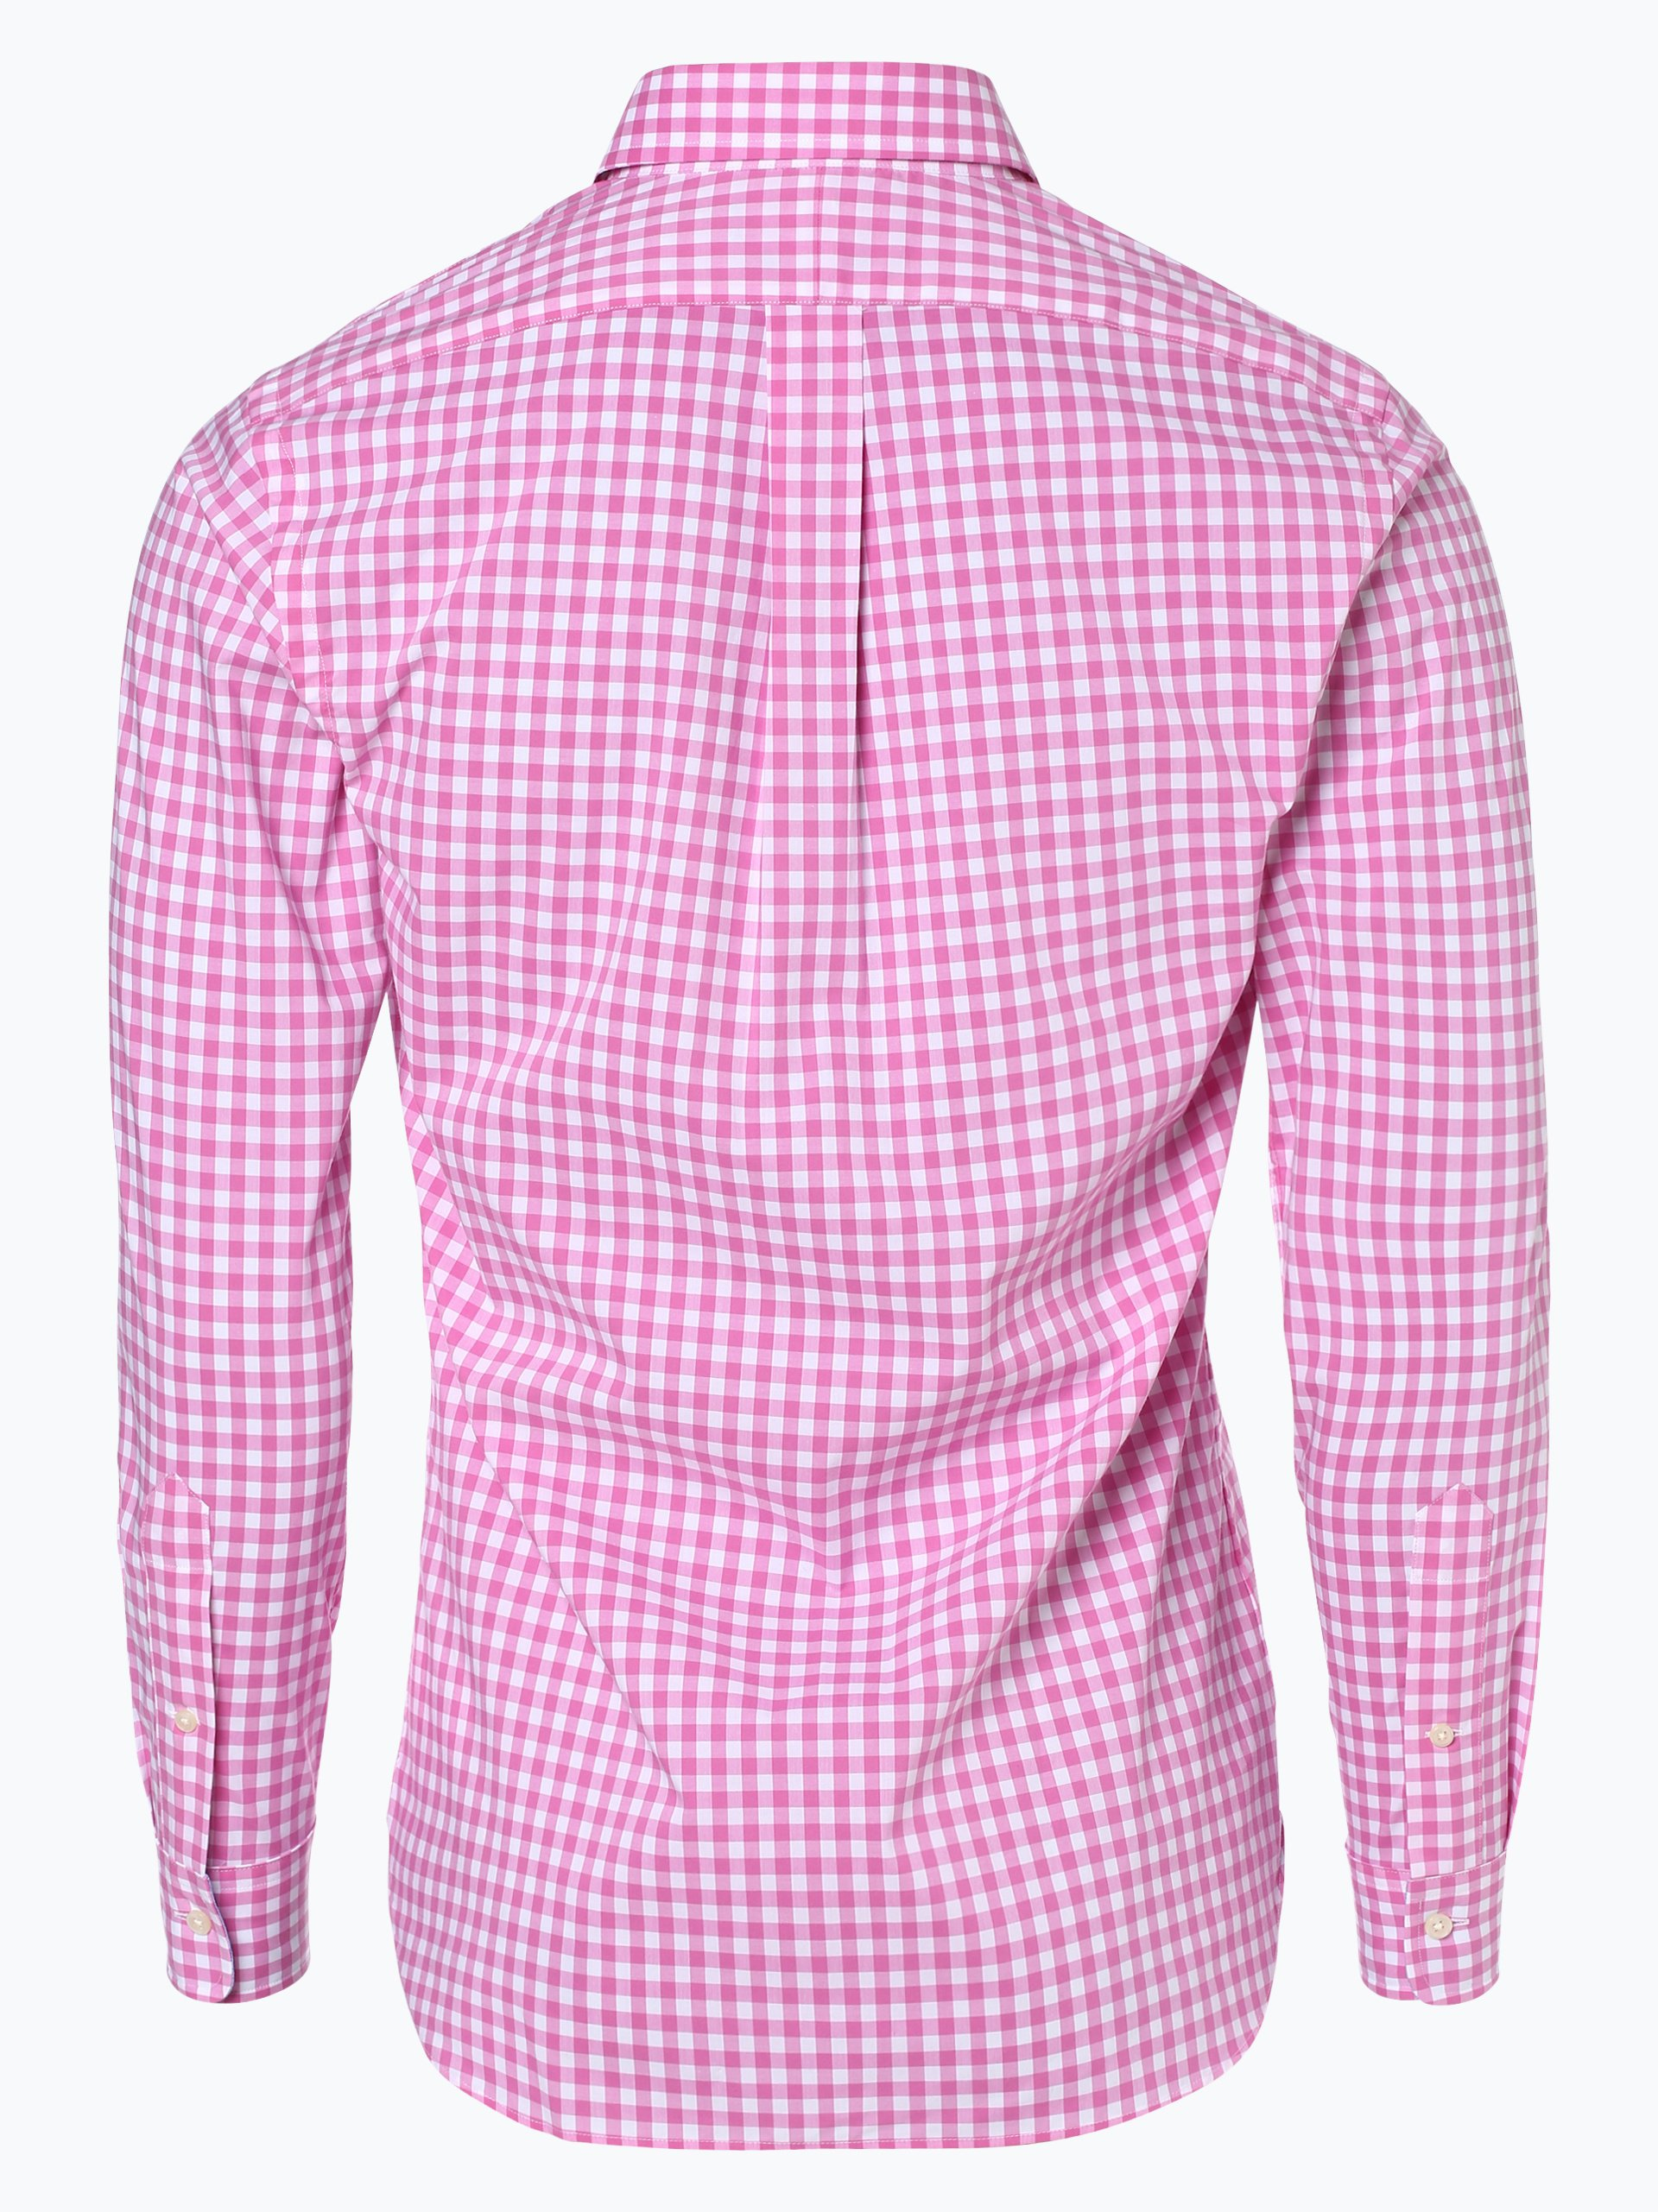 Polo Ralph Lauren Herren Hemd Slim Fit